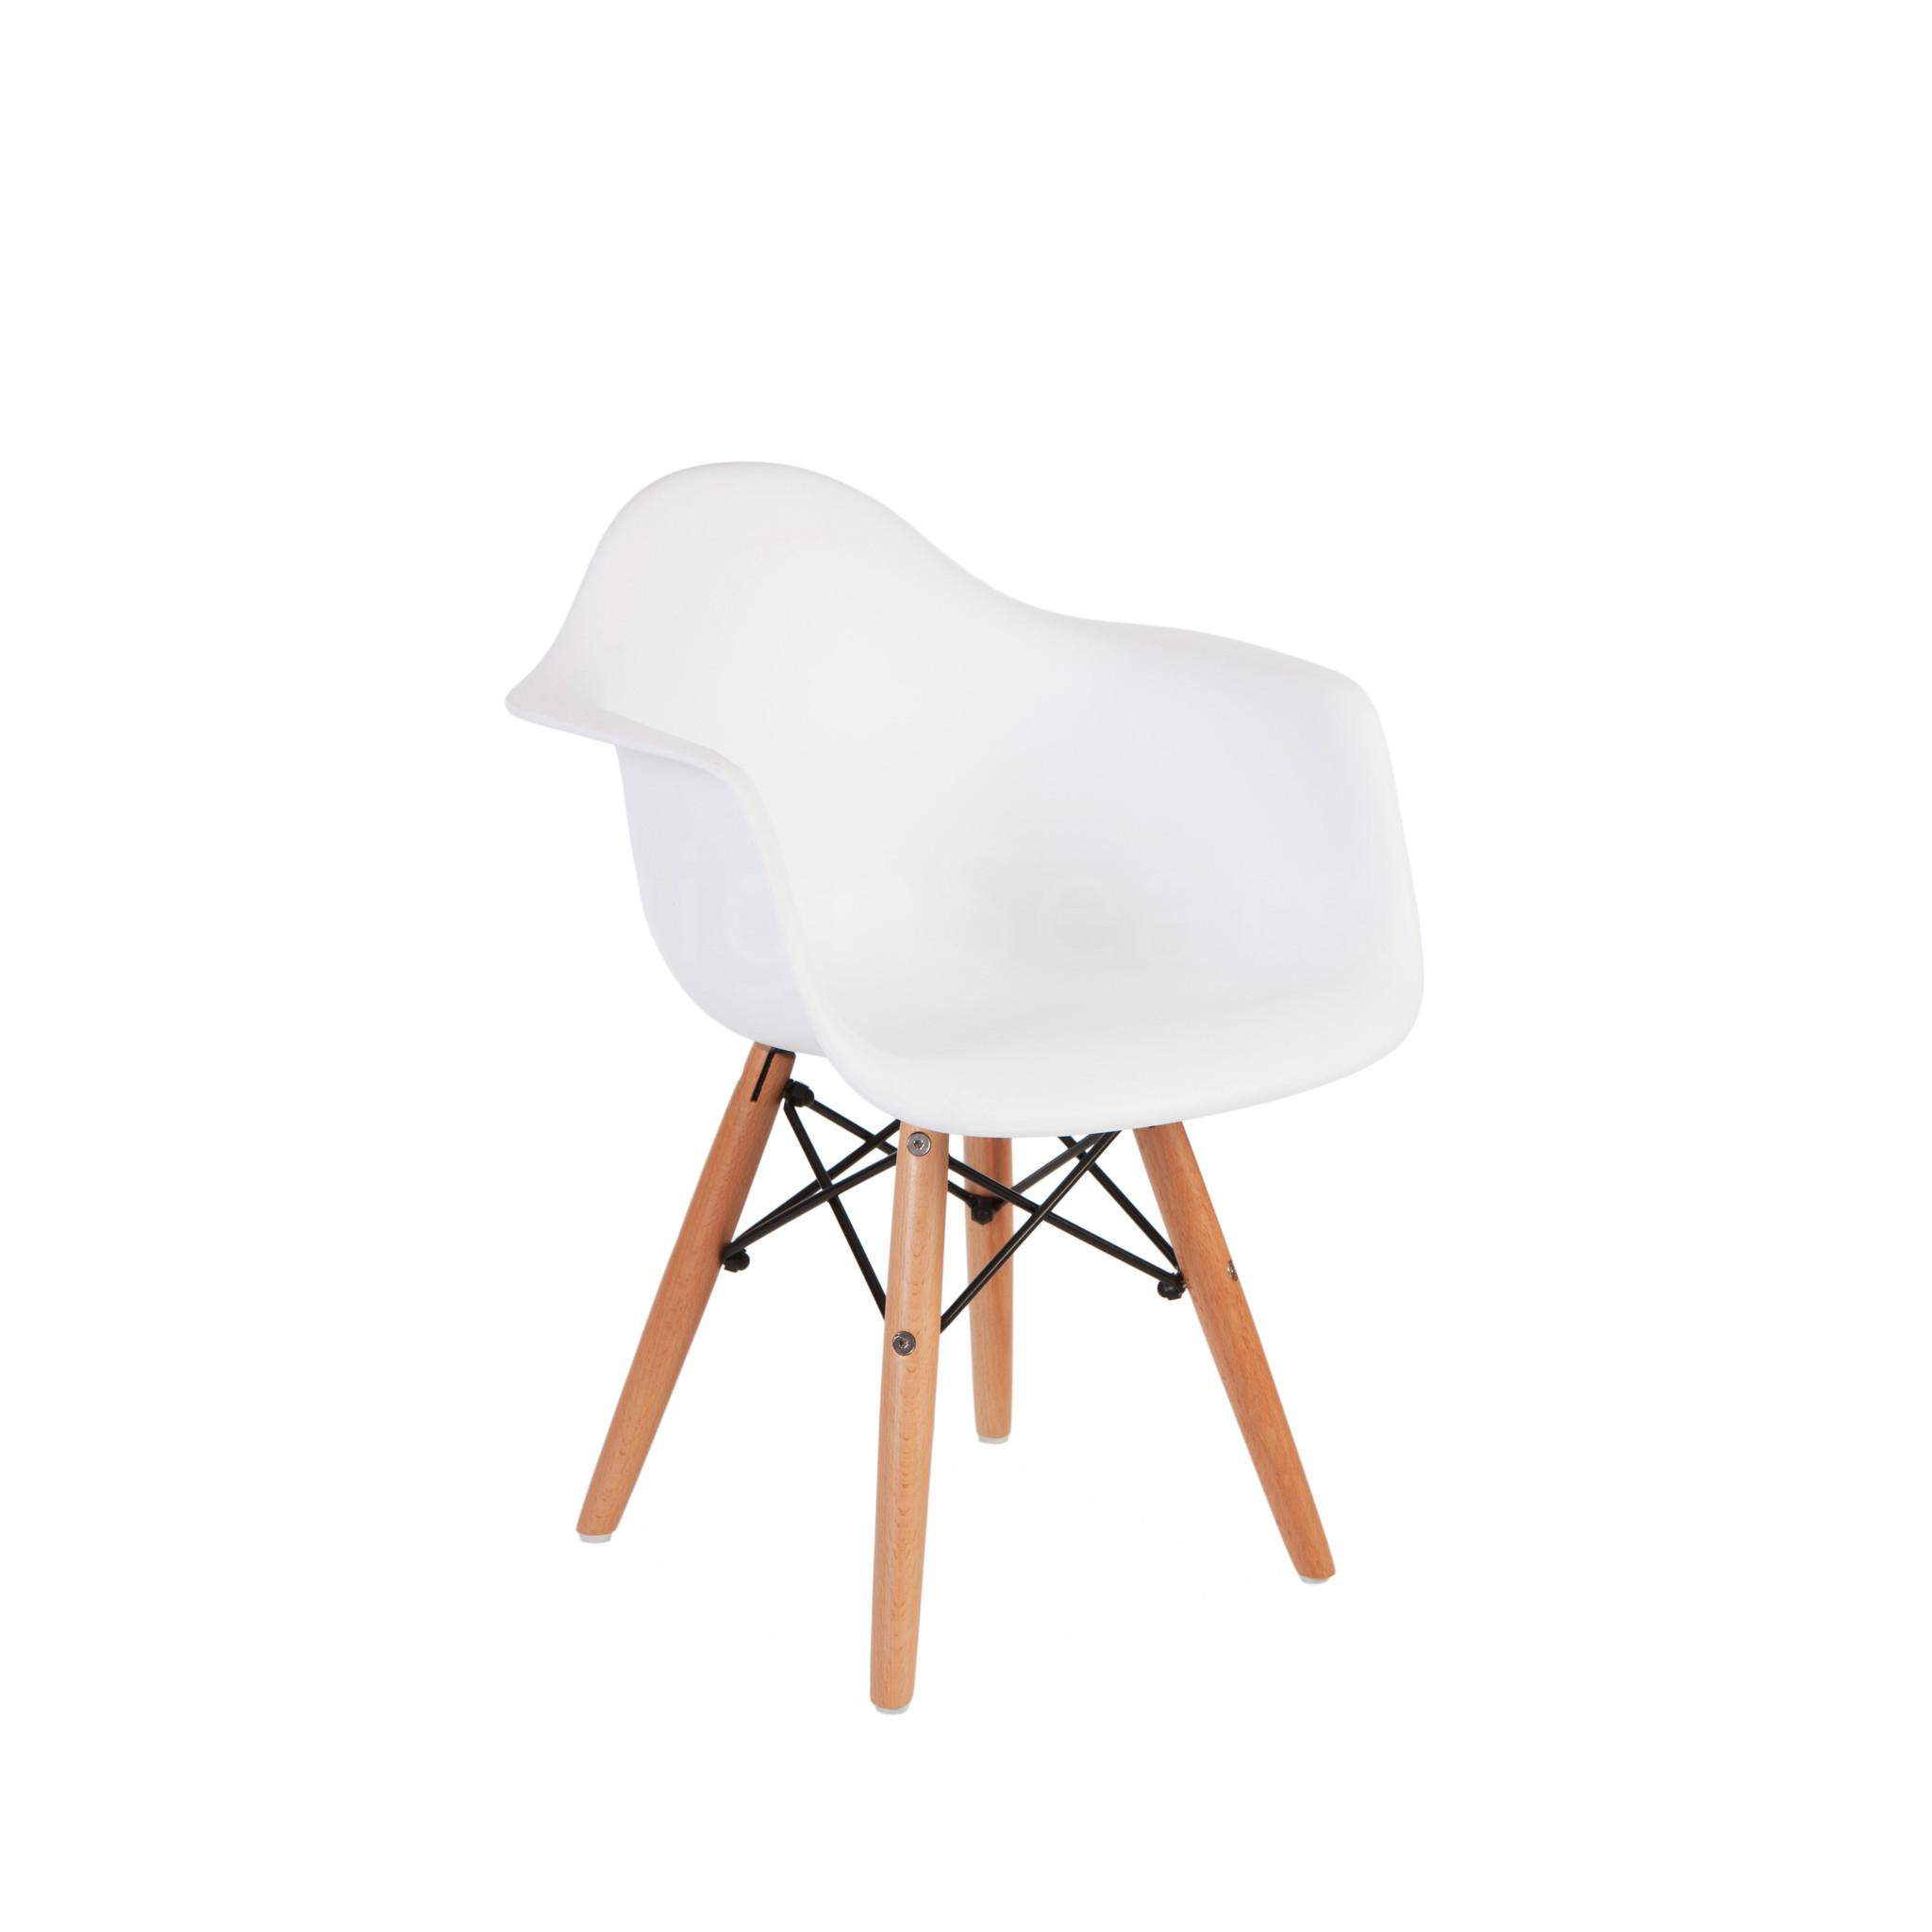 DAW Eames Design Kids Chair